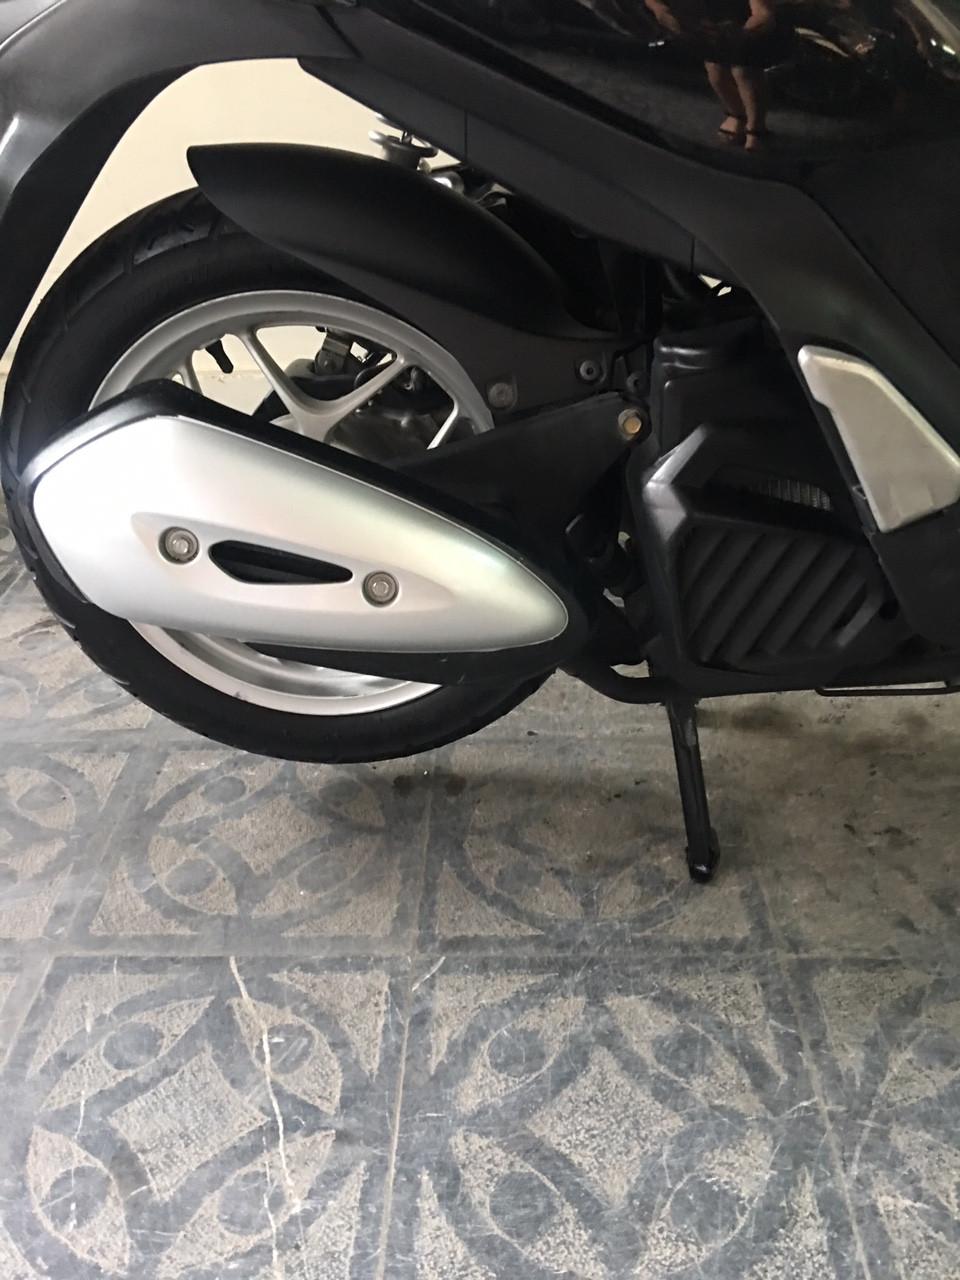 Honda SH mode black nu cong chuc su dung giu gin - 5